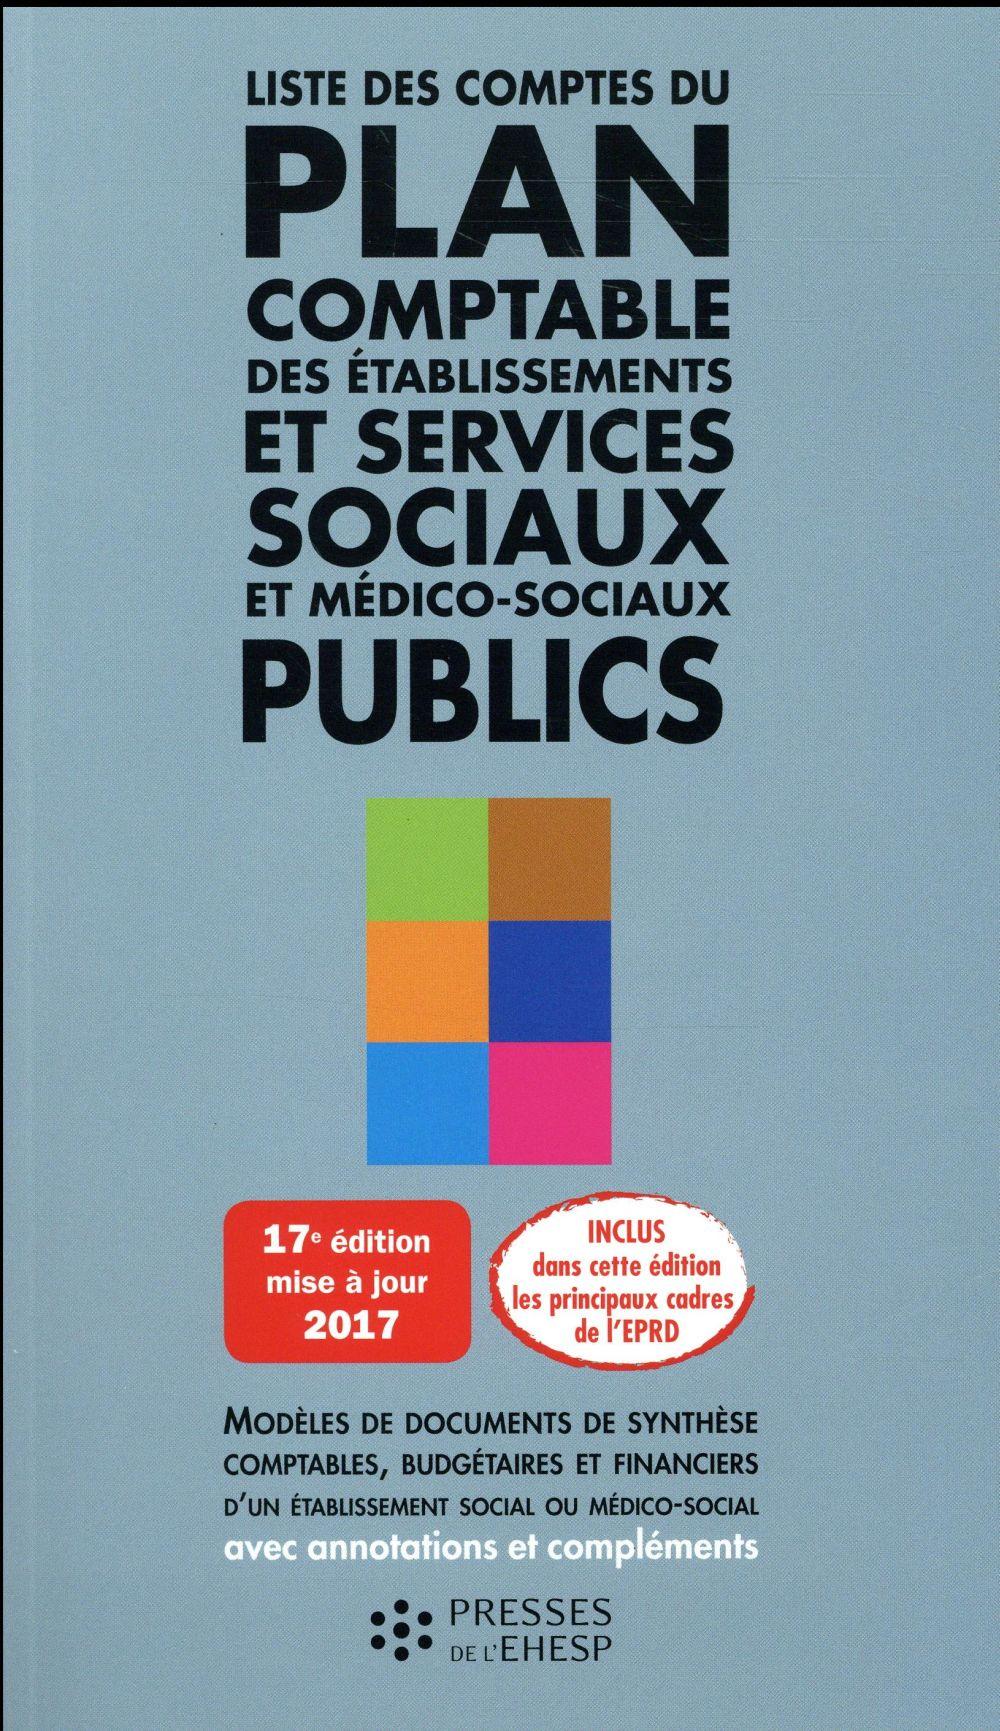 Liste des comptes du plan comptable des établissements et services sociaux et médico-sociaux publics (édition 2017)